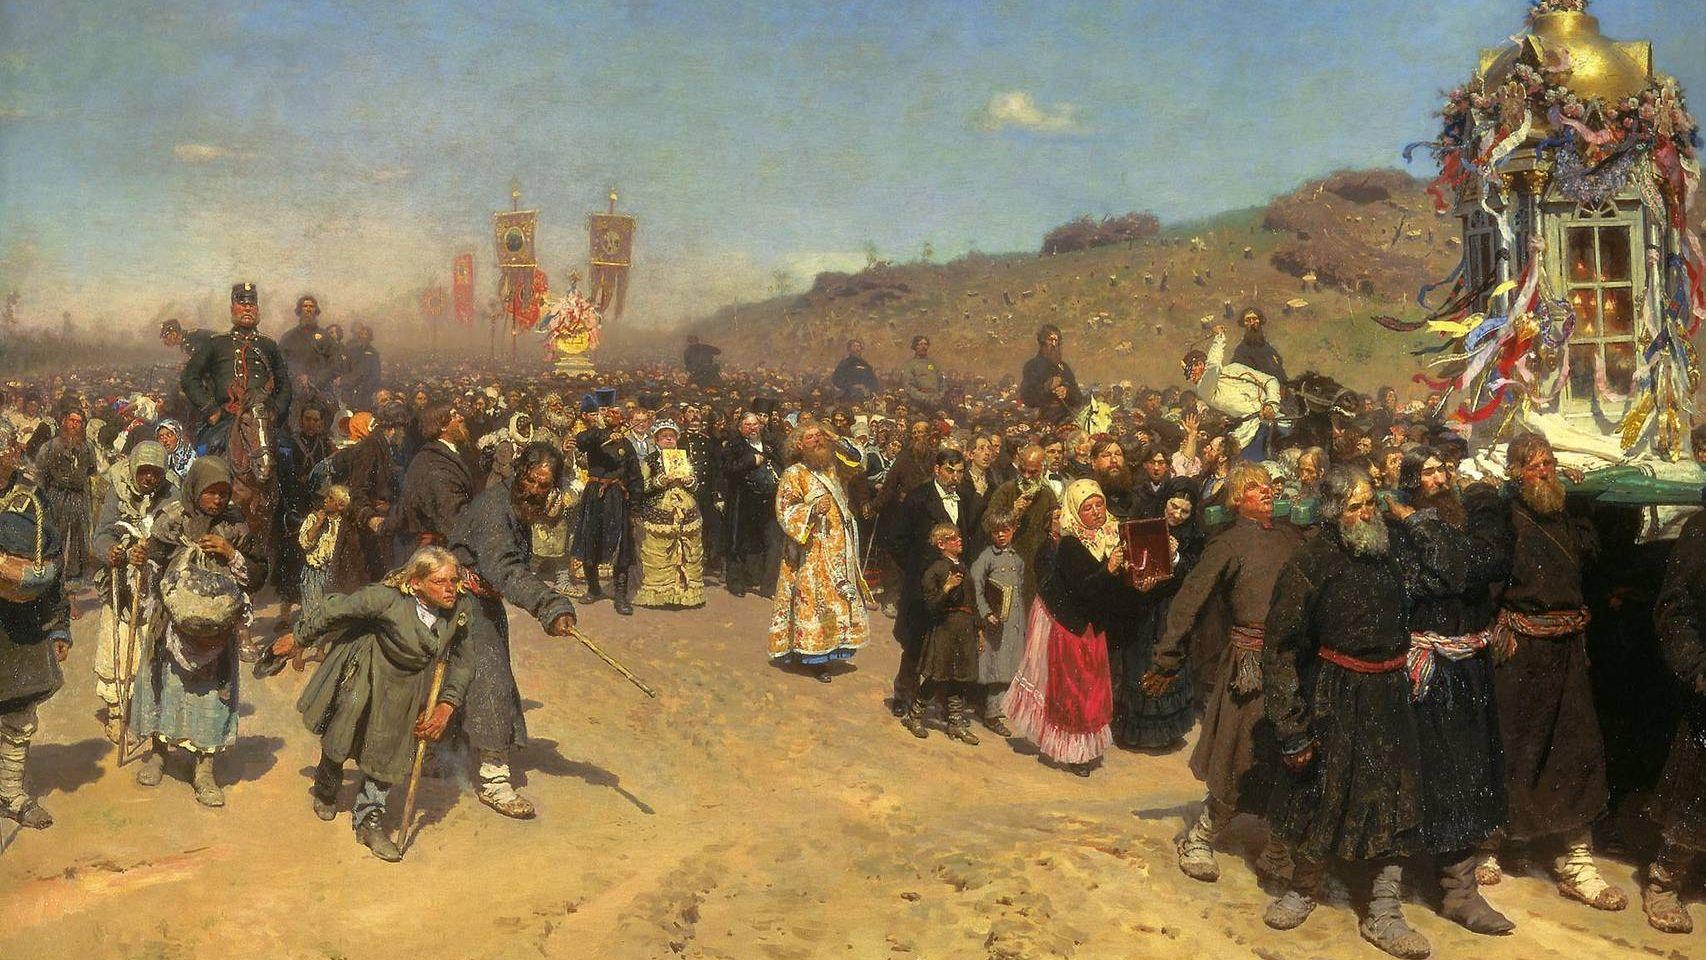 Илья Репин. Крестный ход в Курской губернии (фрагмент). 1883.